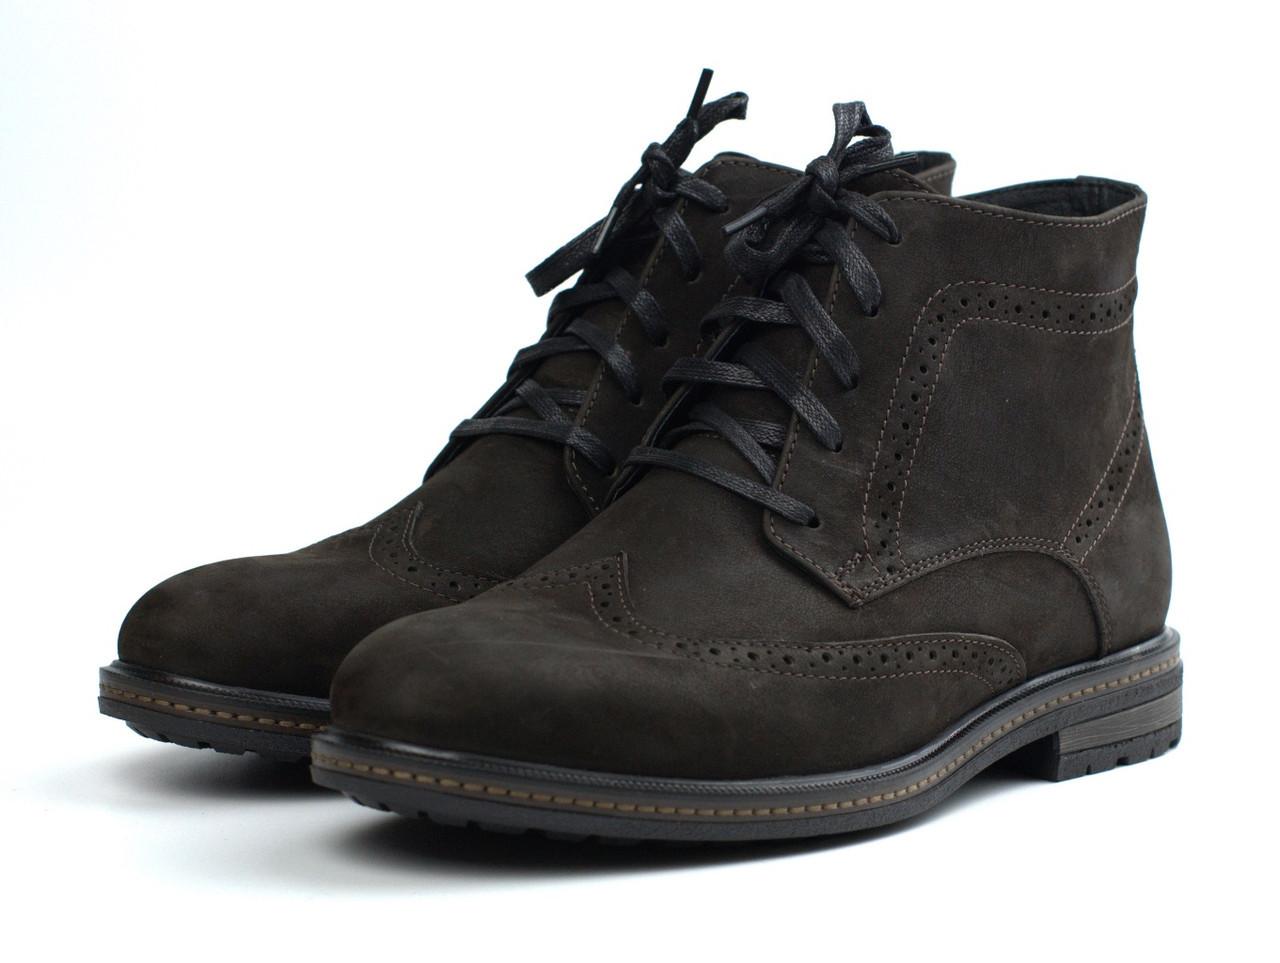 Зимние ботинки мужские броги замшевые на меху коричневые Rosso Avangard Brogue Brown Diamond